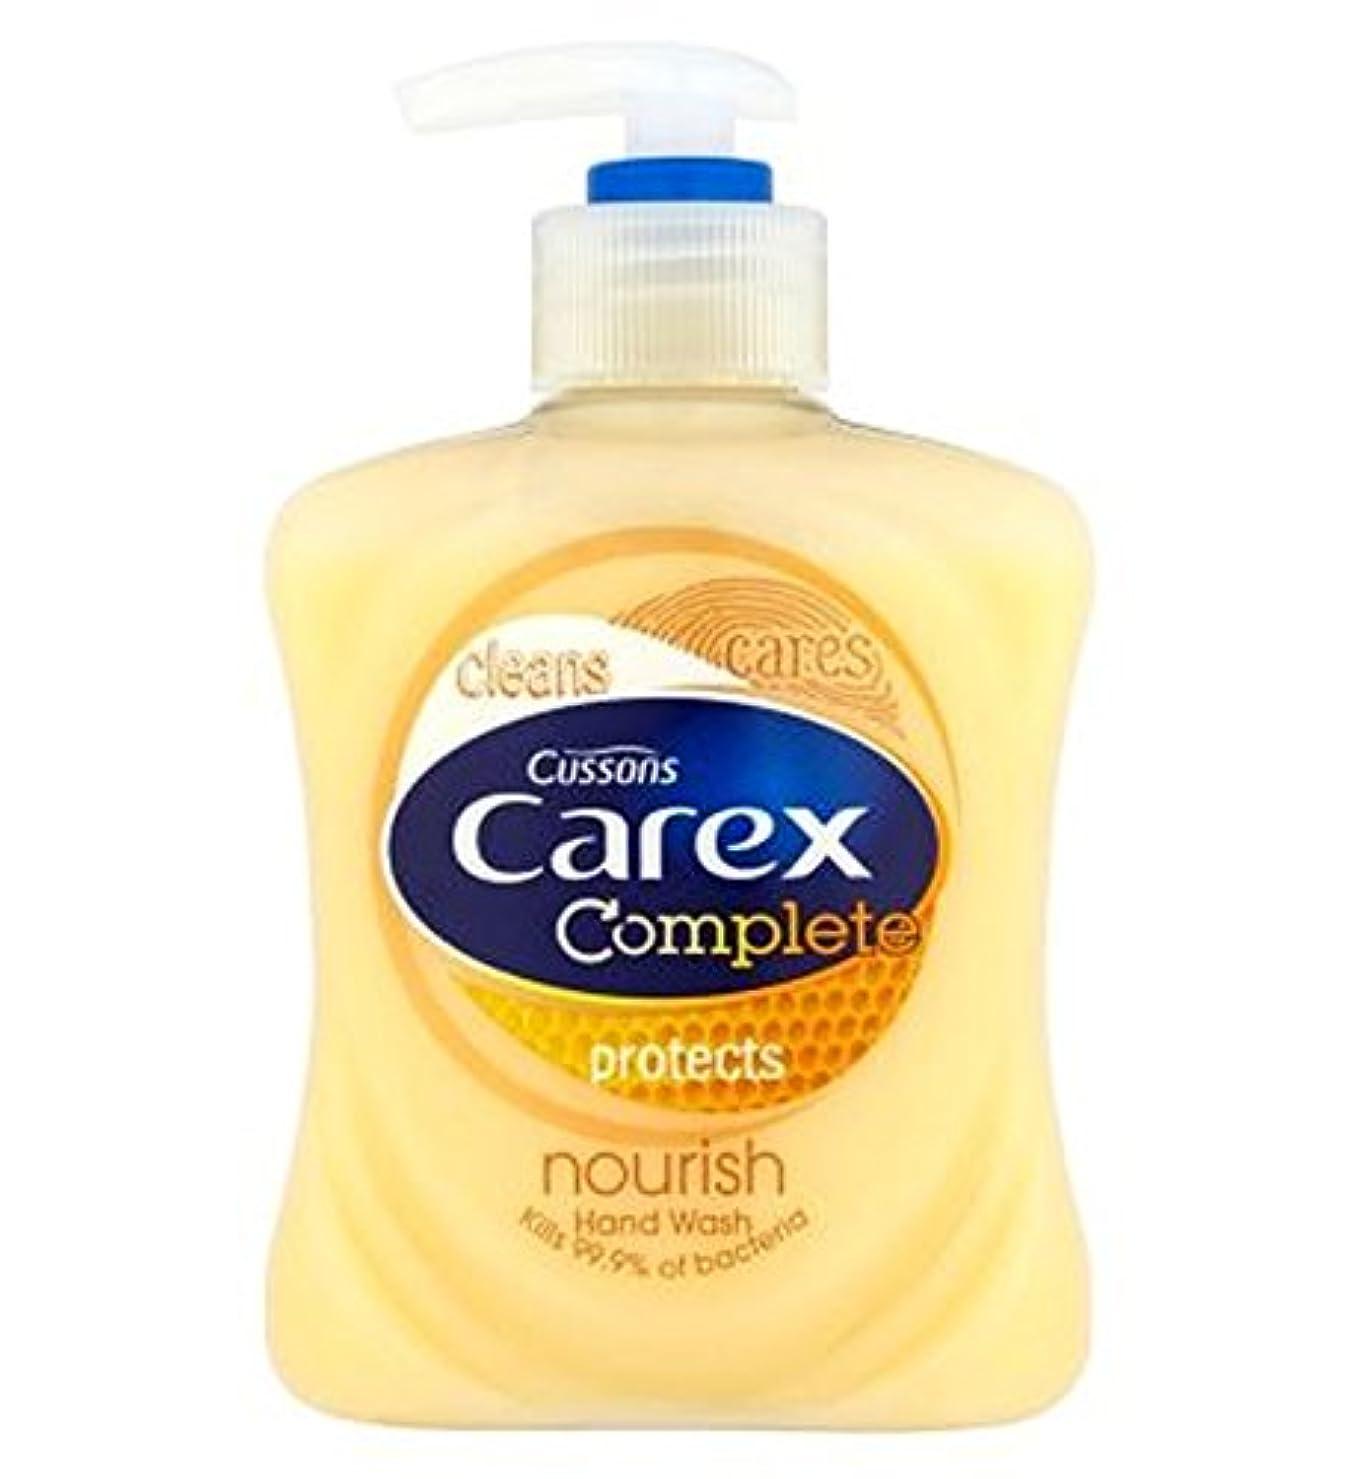 避難するびっくり取り替えるCarex Complete Nourishing Hand Wash 250ml - スゲ属完全な栄養ハンドウォッシュ250ミリリットル (Carex) [並行輸入品]